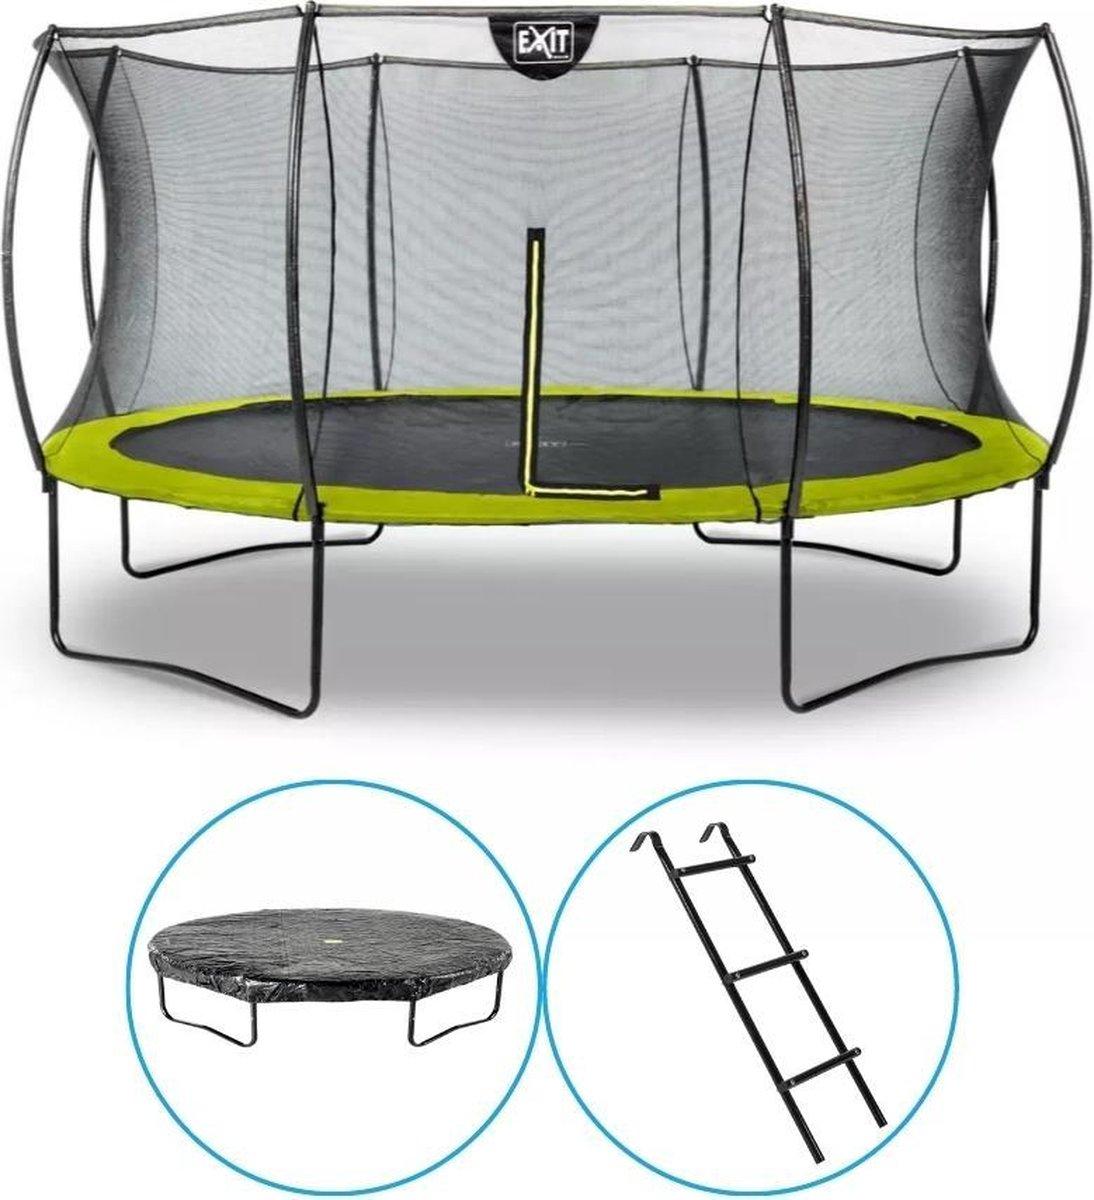 EXIT Toys - Trampoline Met Veiligheidsnet - Op Poten - Silhouette - Rond - ø427cm - Groen - Inclusief Ladder en Afdekhoes